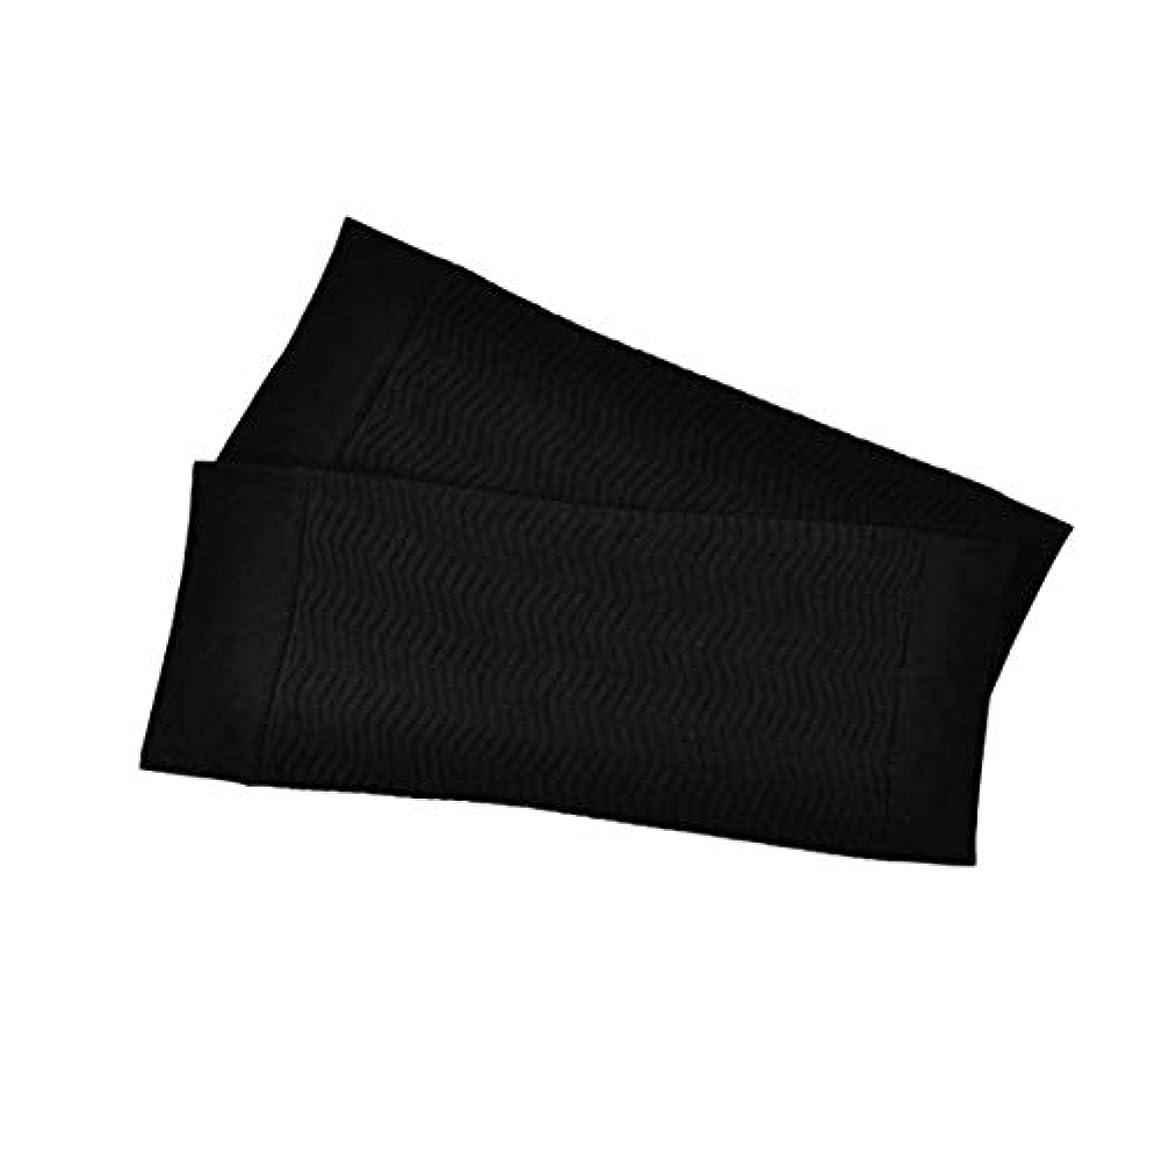 責めパラナ川改修する1ペア680 D圧縮アームシェイパーワークアウトトーニングバーンセルライトスリミングアームスリーブ脂肪燃焼半袖用女性 - ブラック